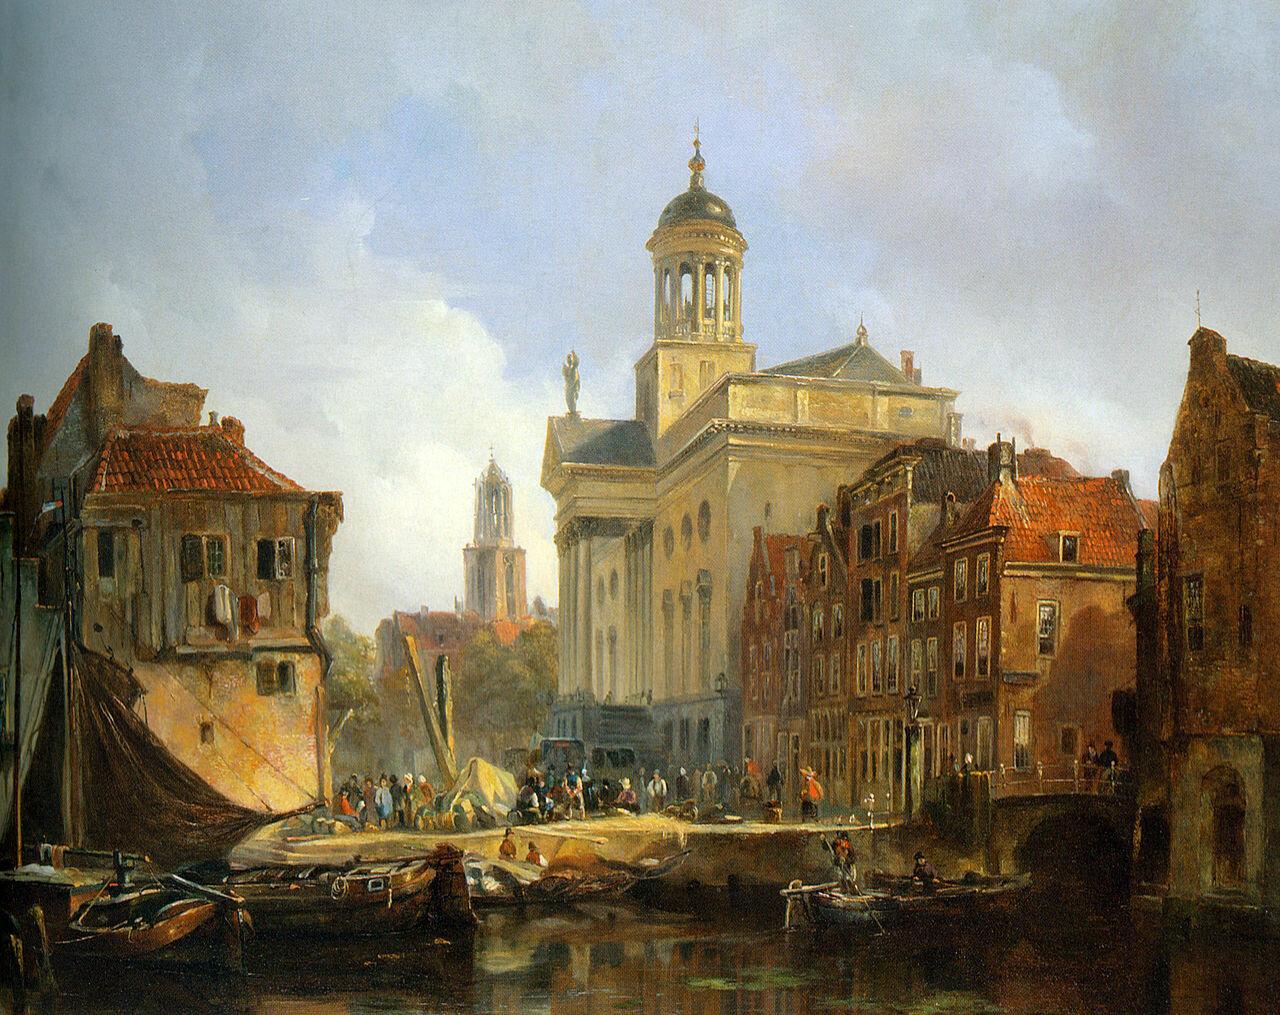 Вид Уртрехта, 19-ый век,Иоханнес Босбум(1817-1891), масло на панели, Голландия